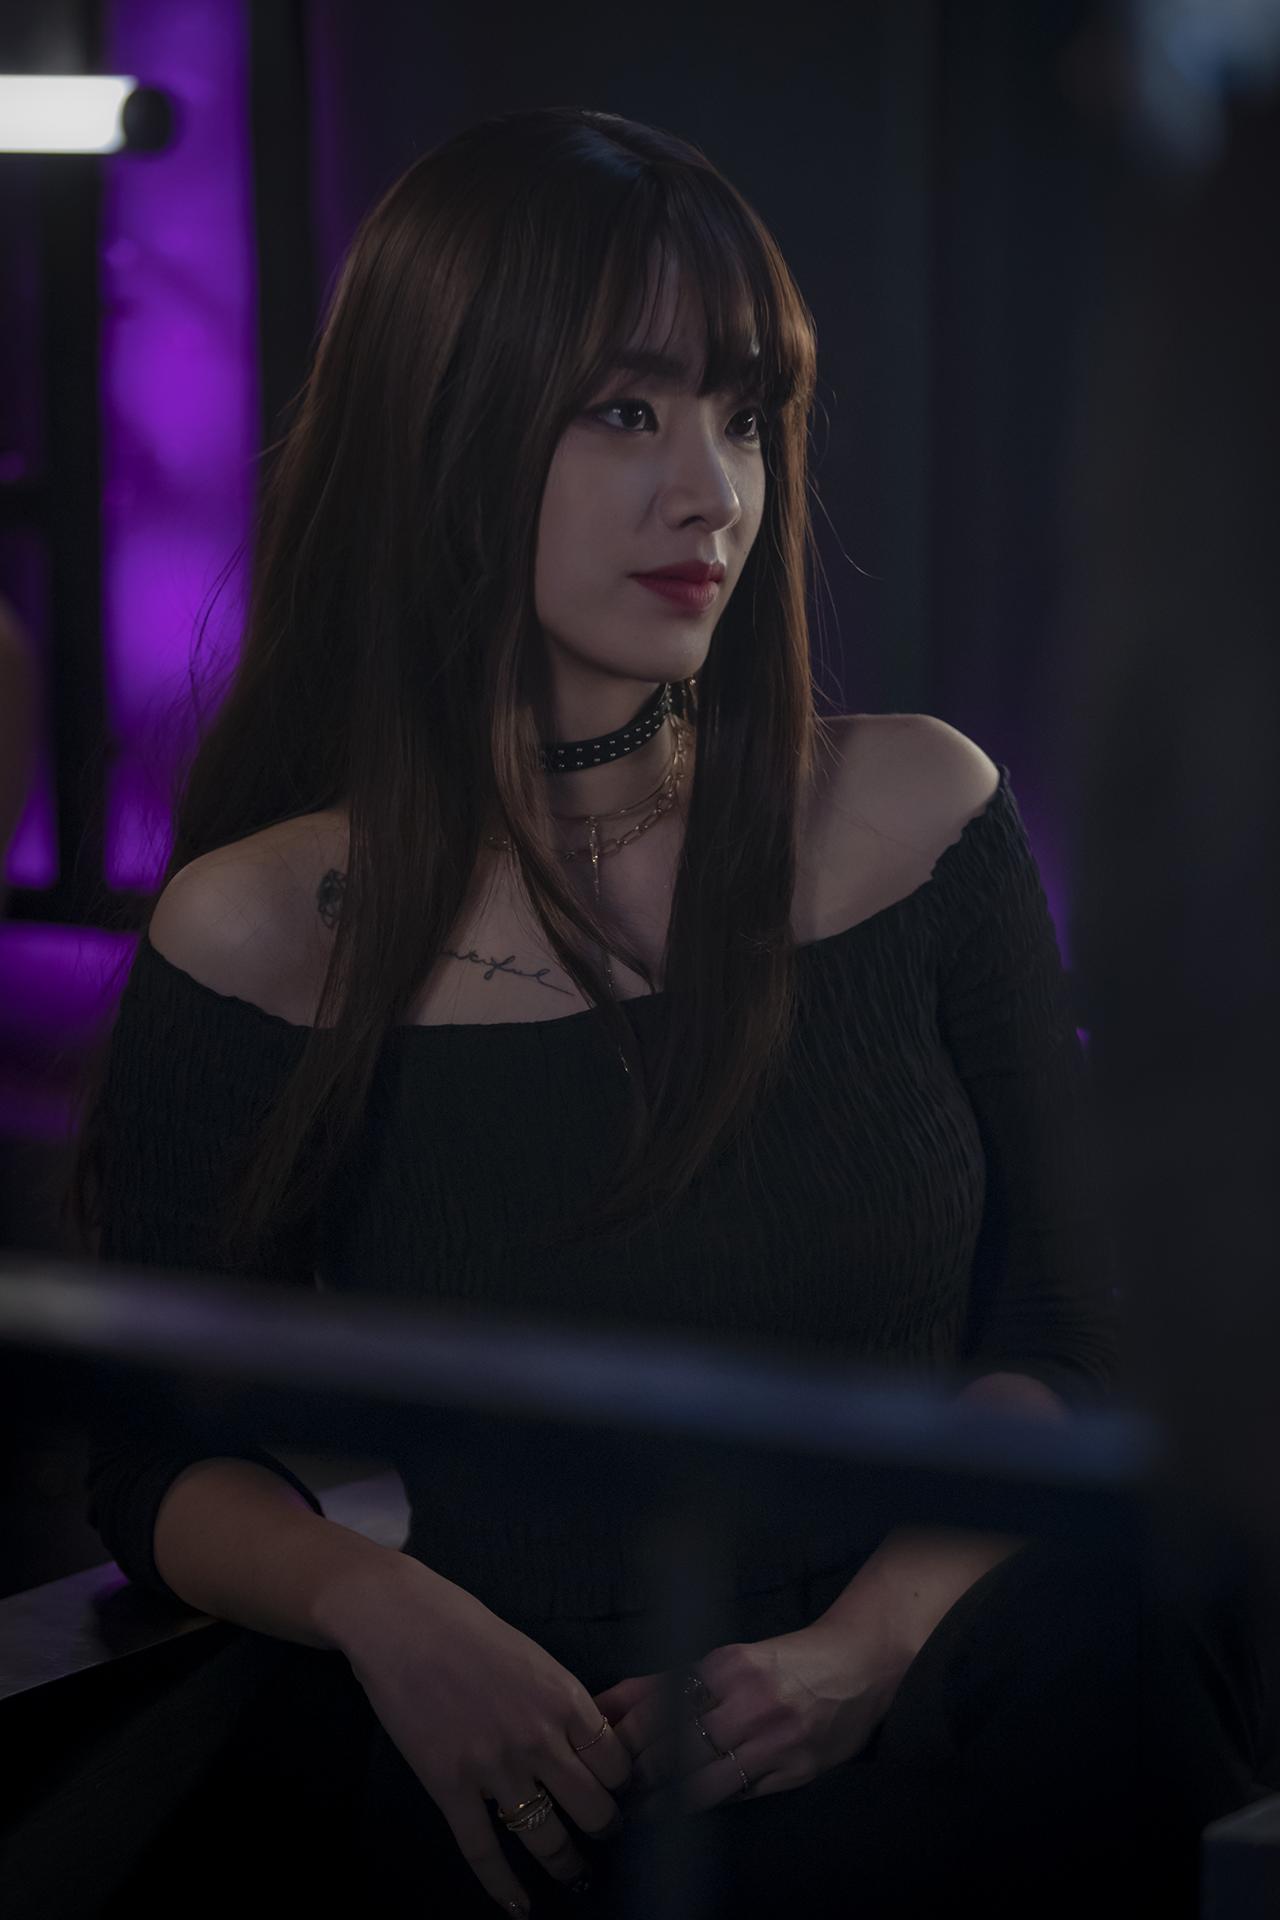 '이태원 클라쓰' 마현이 이주영, 화제의 클럽씬 비하인드컷